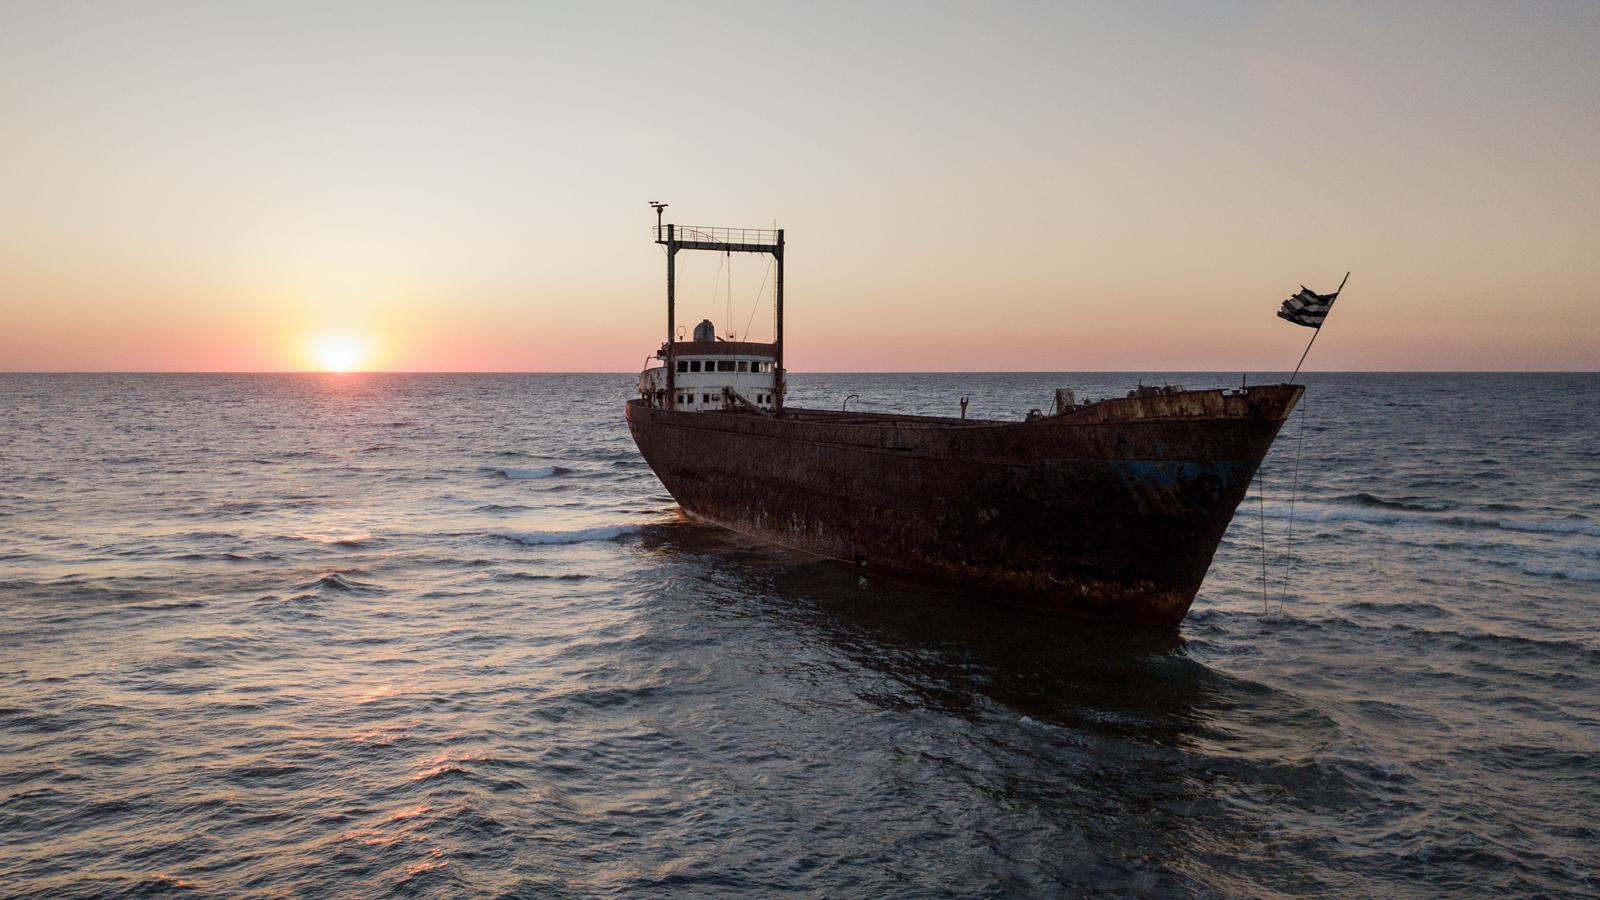 Wreck of MV Demetrios II - Paphos, Cyprus - 2017